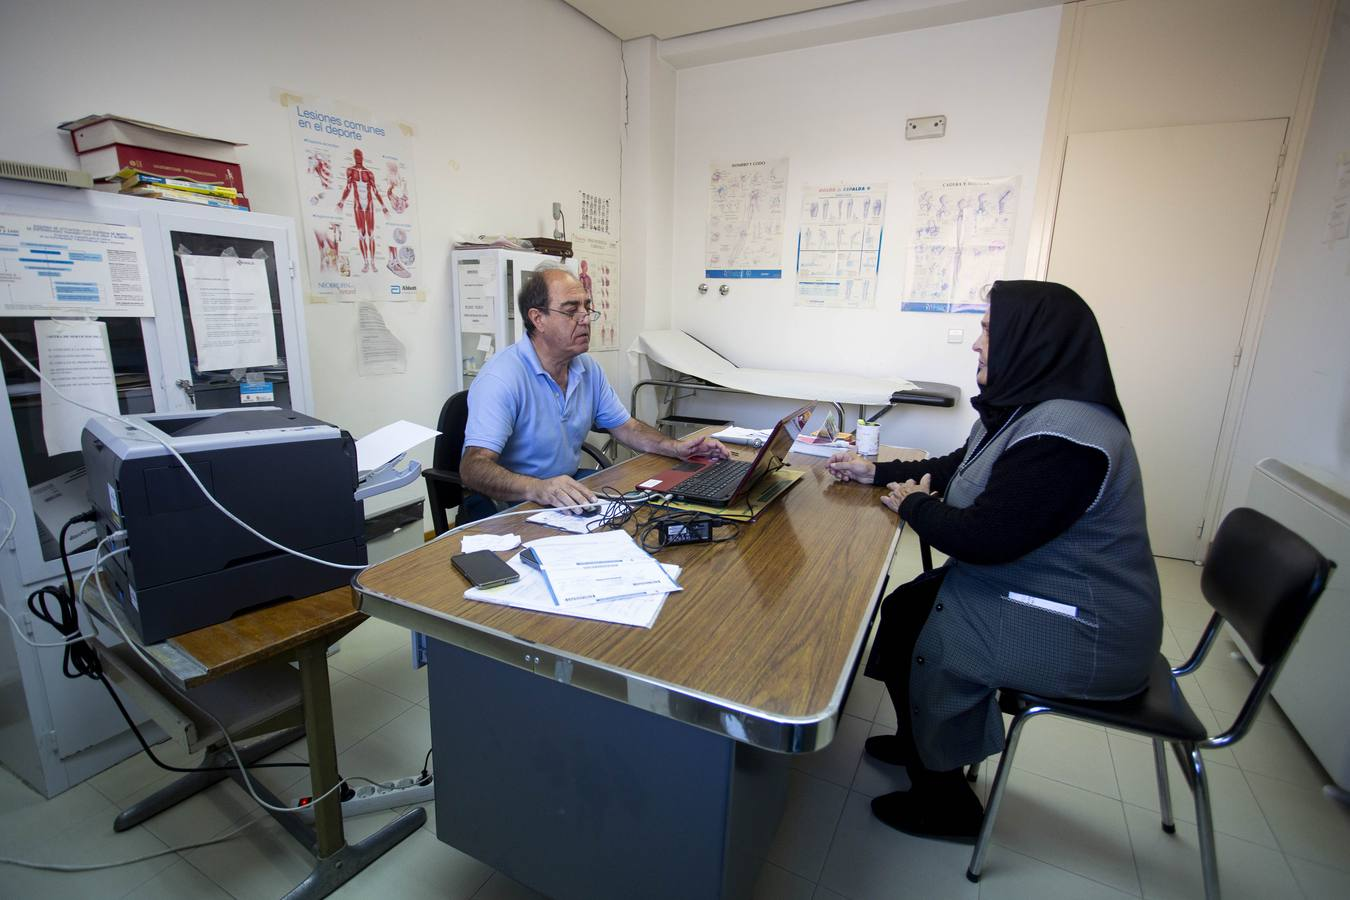 Consultorios médicos del medio rural